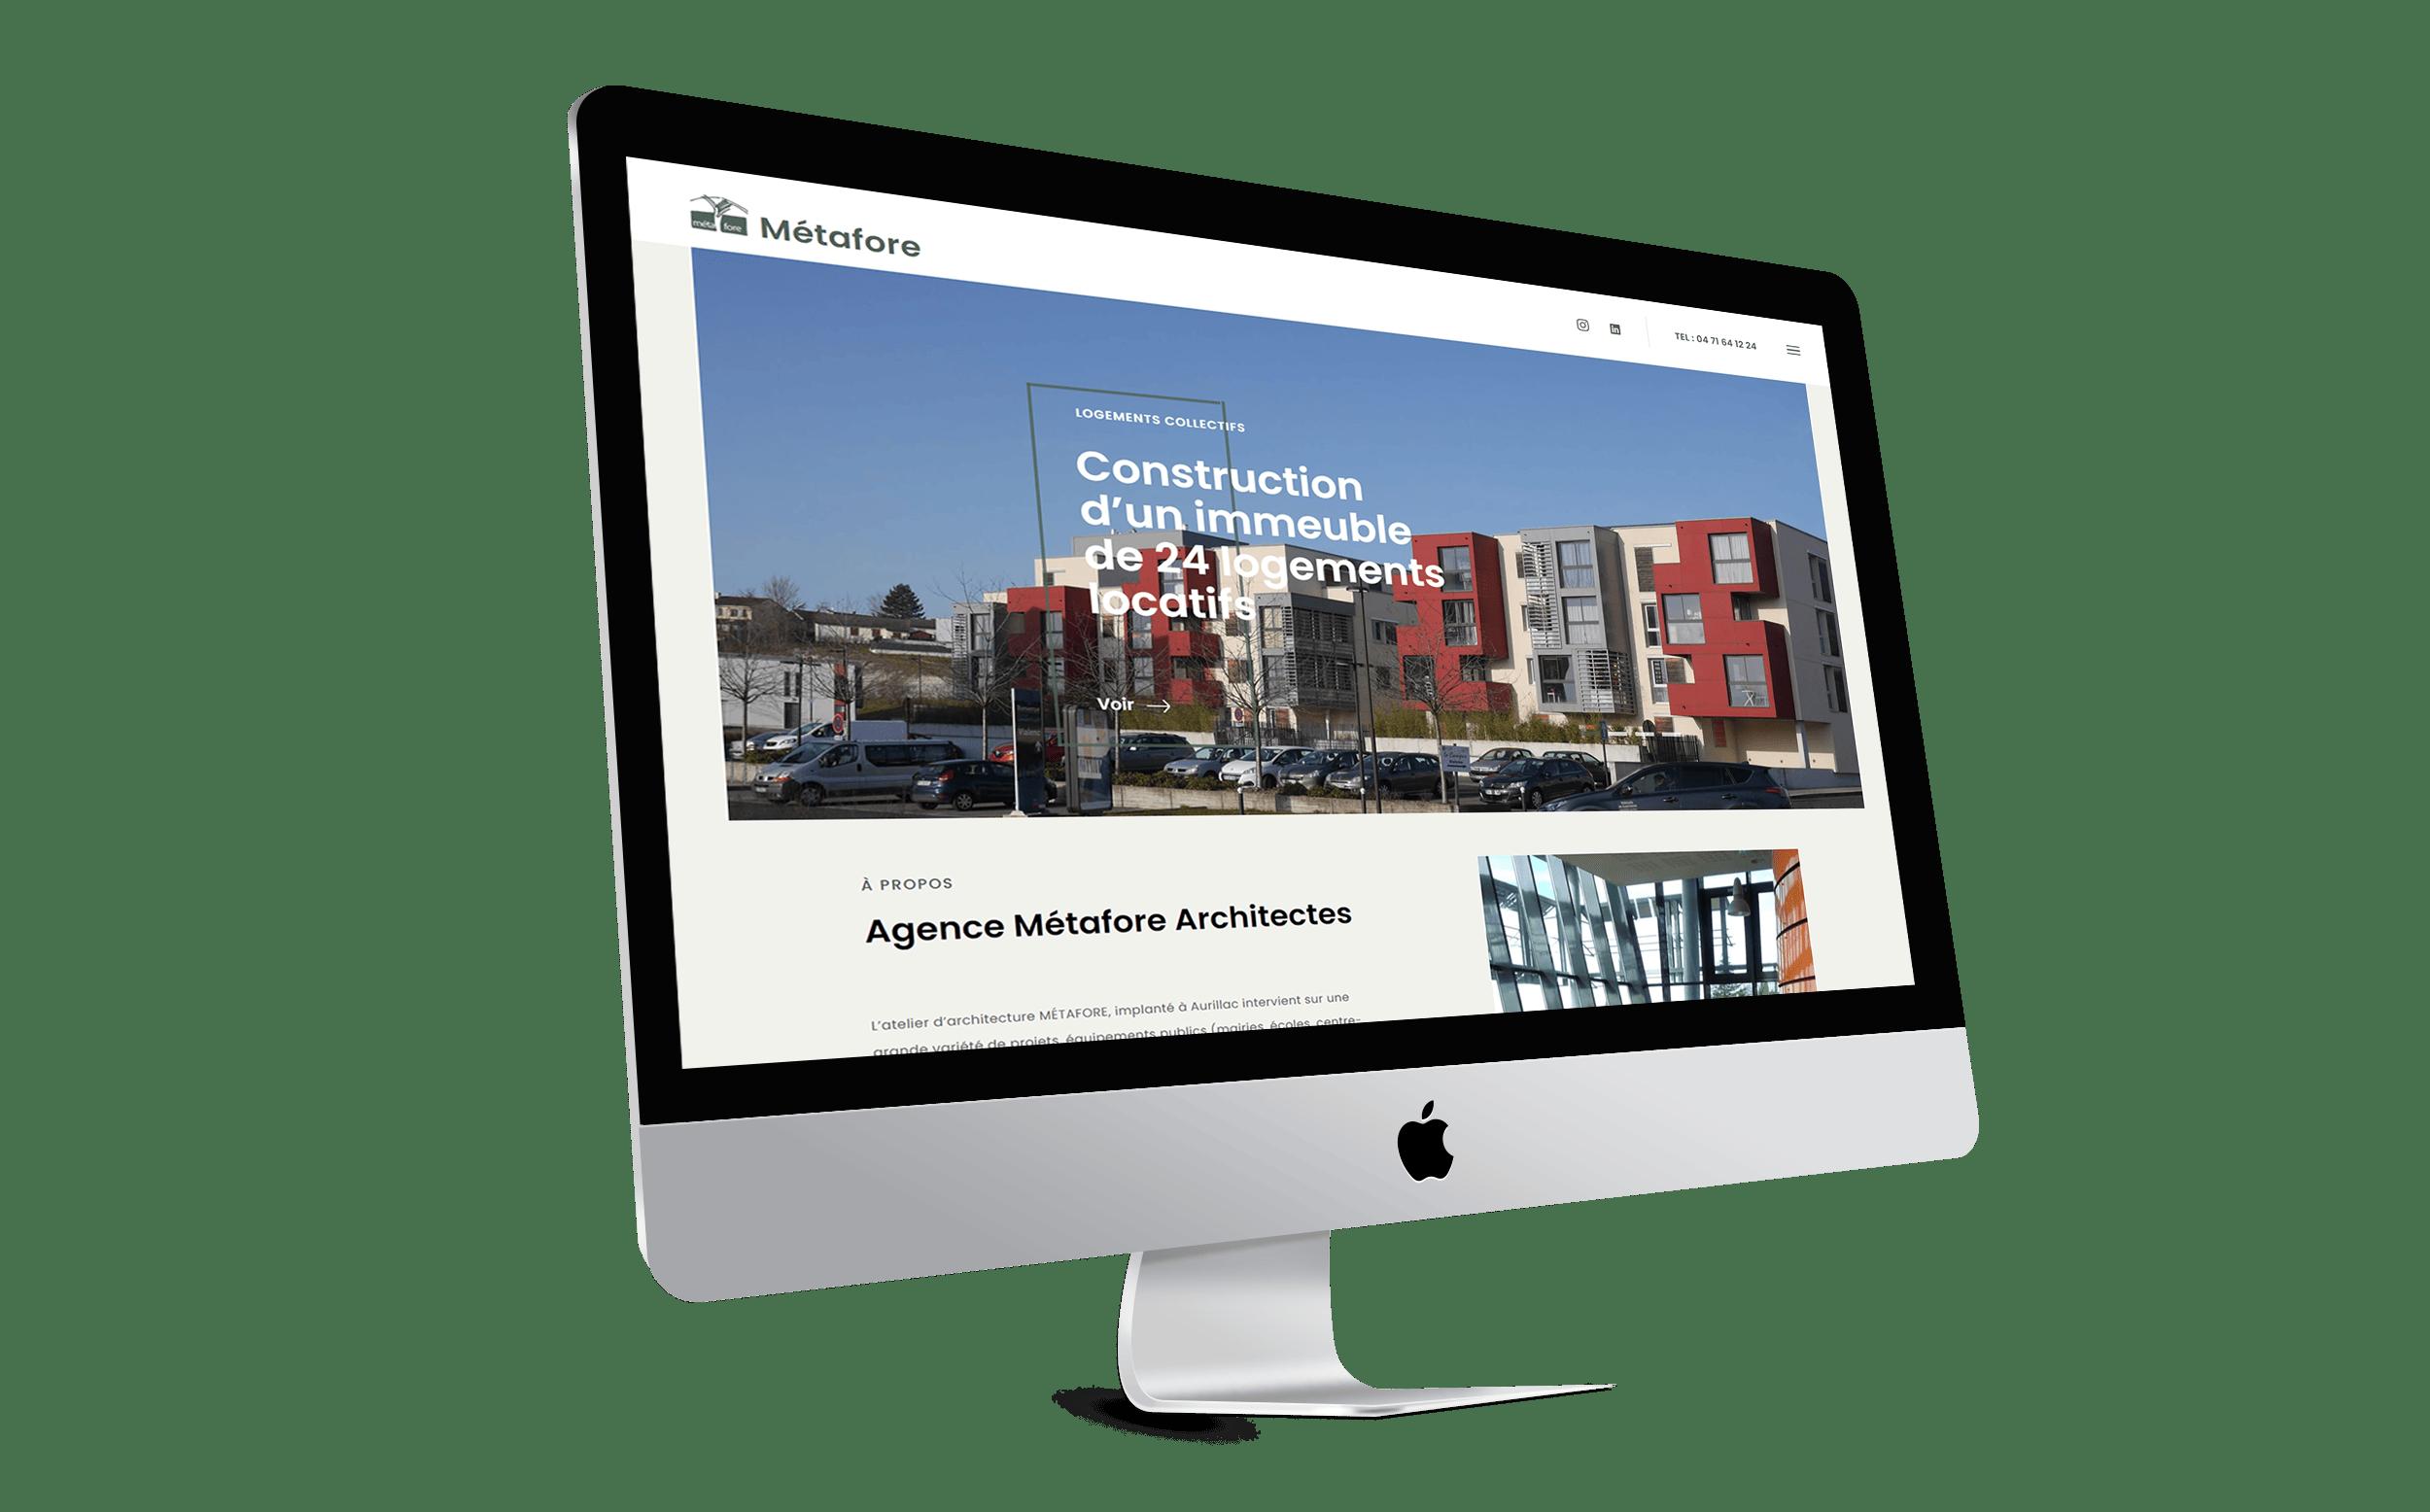 metafore-architectes-creation-site-internet-développement-web